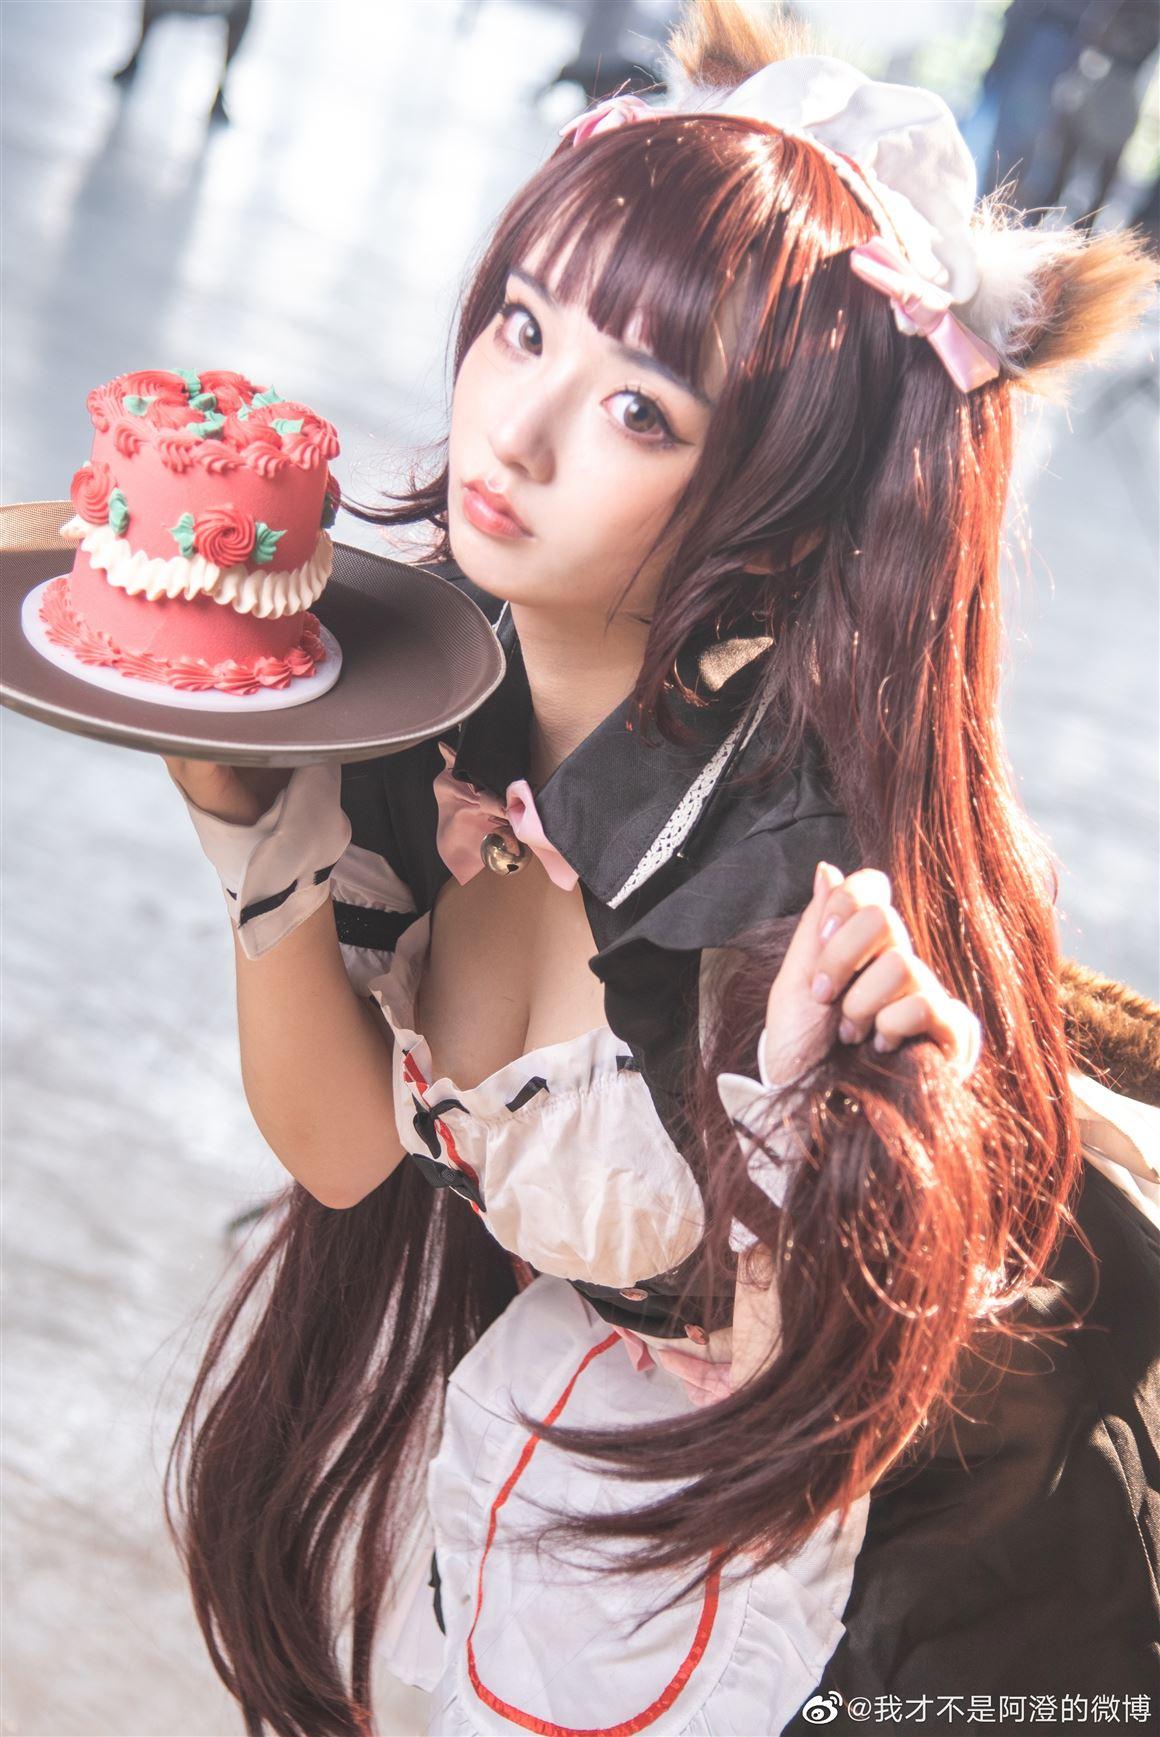 《巧克力与香子兰》巧克力可爱女仆装Cosplay美图【CN:我才不是阿澄的微博】 (9P)-第2张